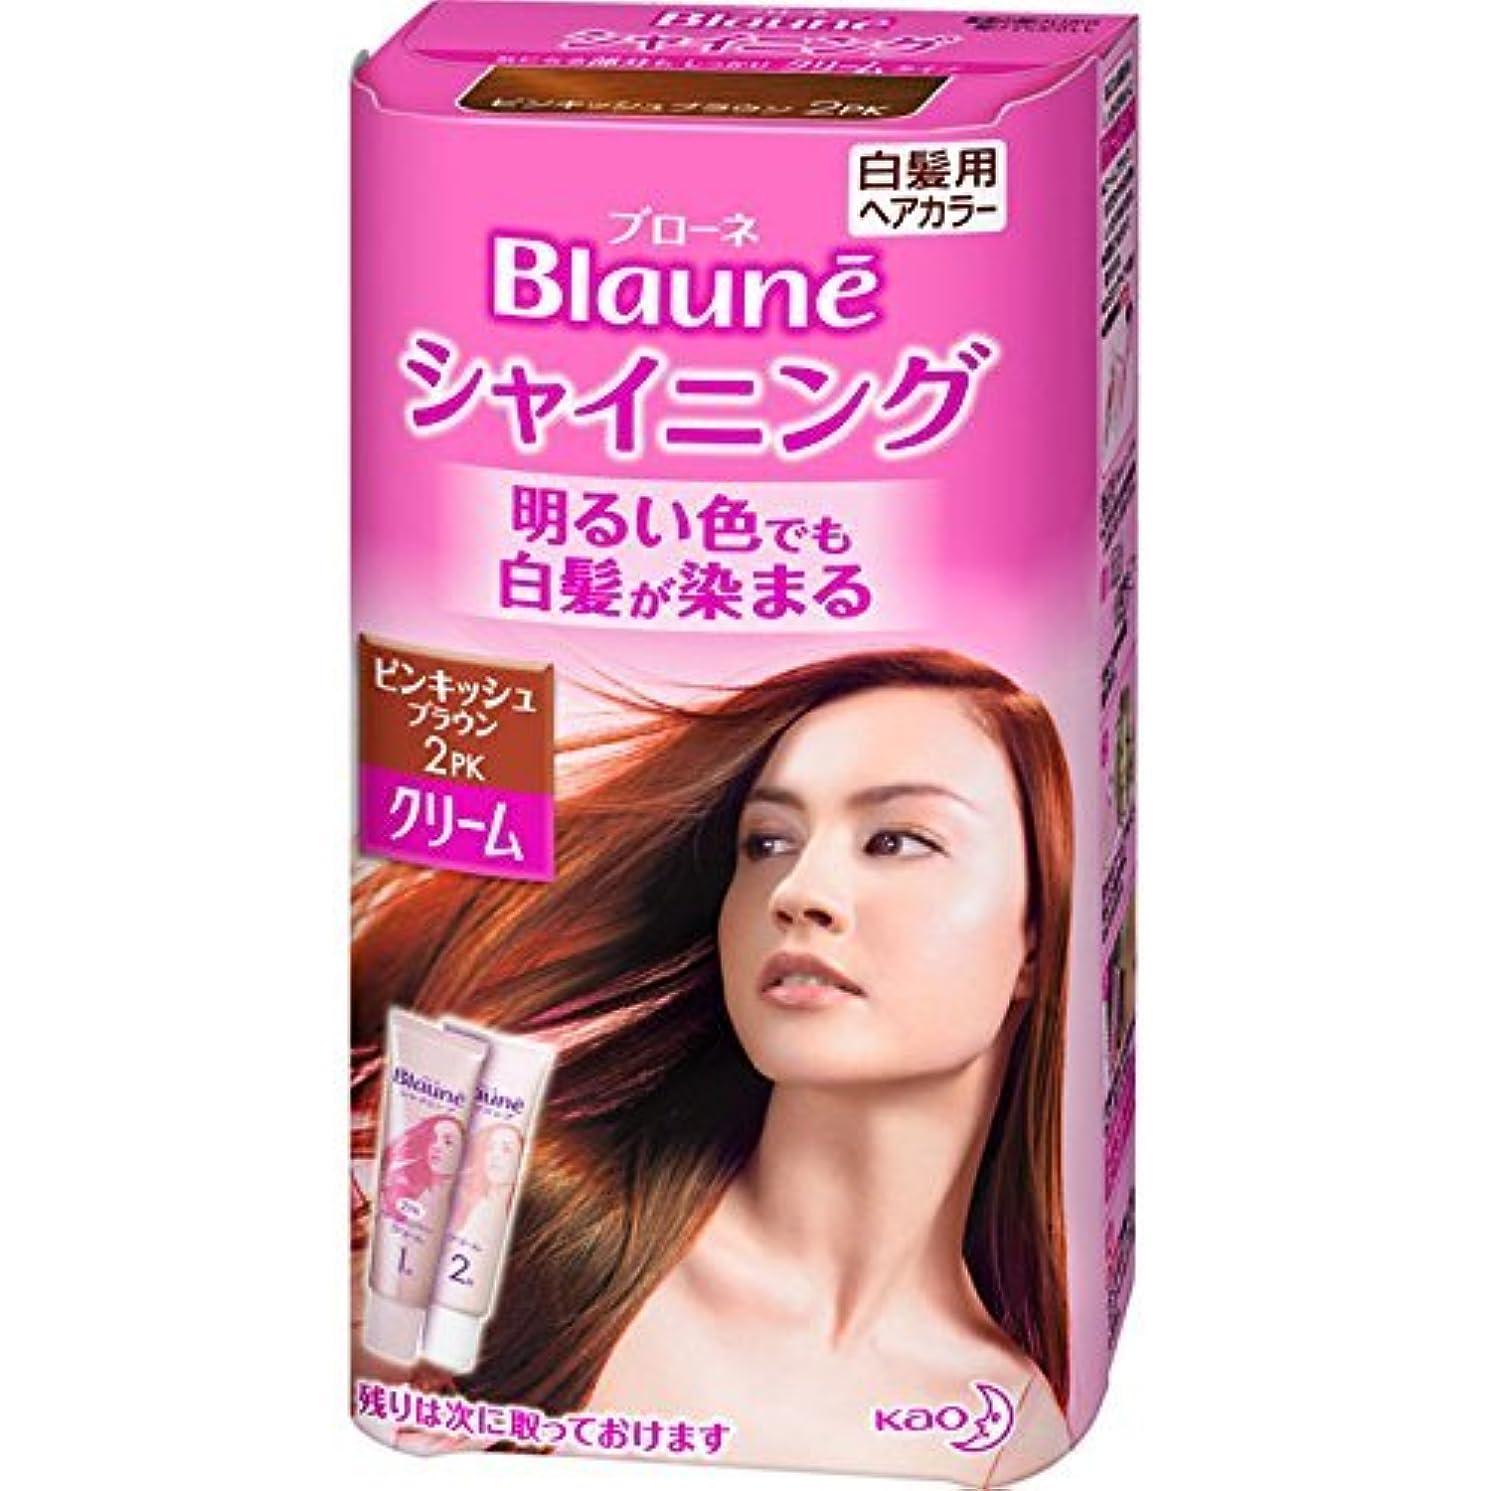 従者葡萄些細な花王 ブローネ シャイニングヘアカラー クリーム 2PK 1剤50g/2剤50g(医薬部外品)《各50g》